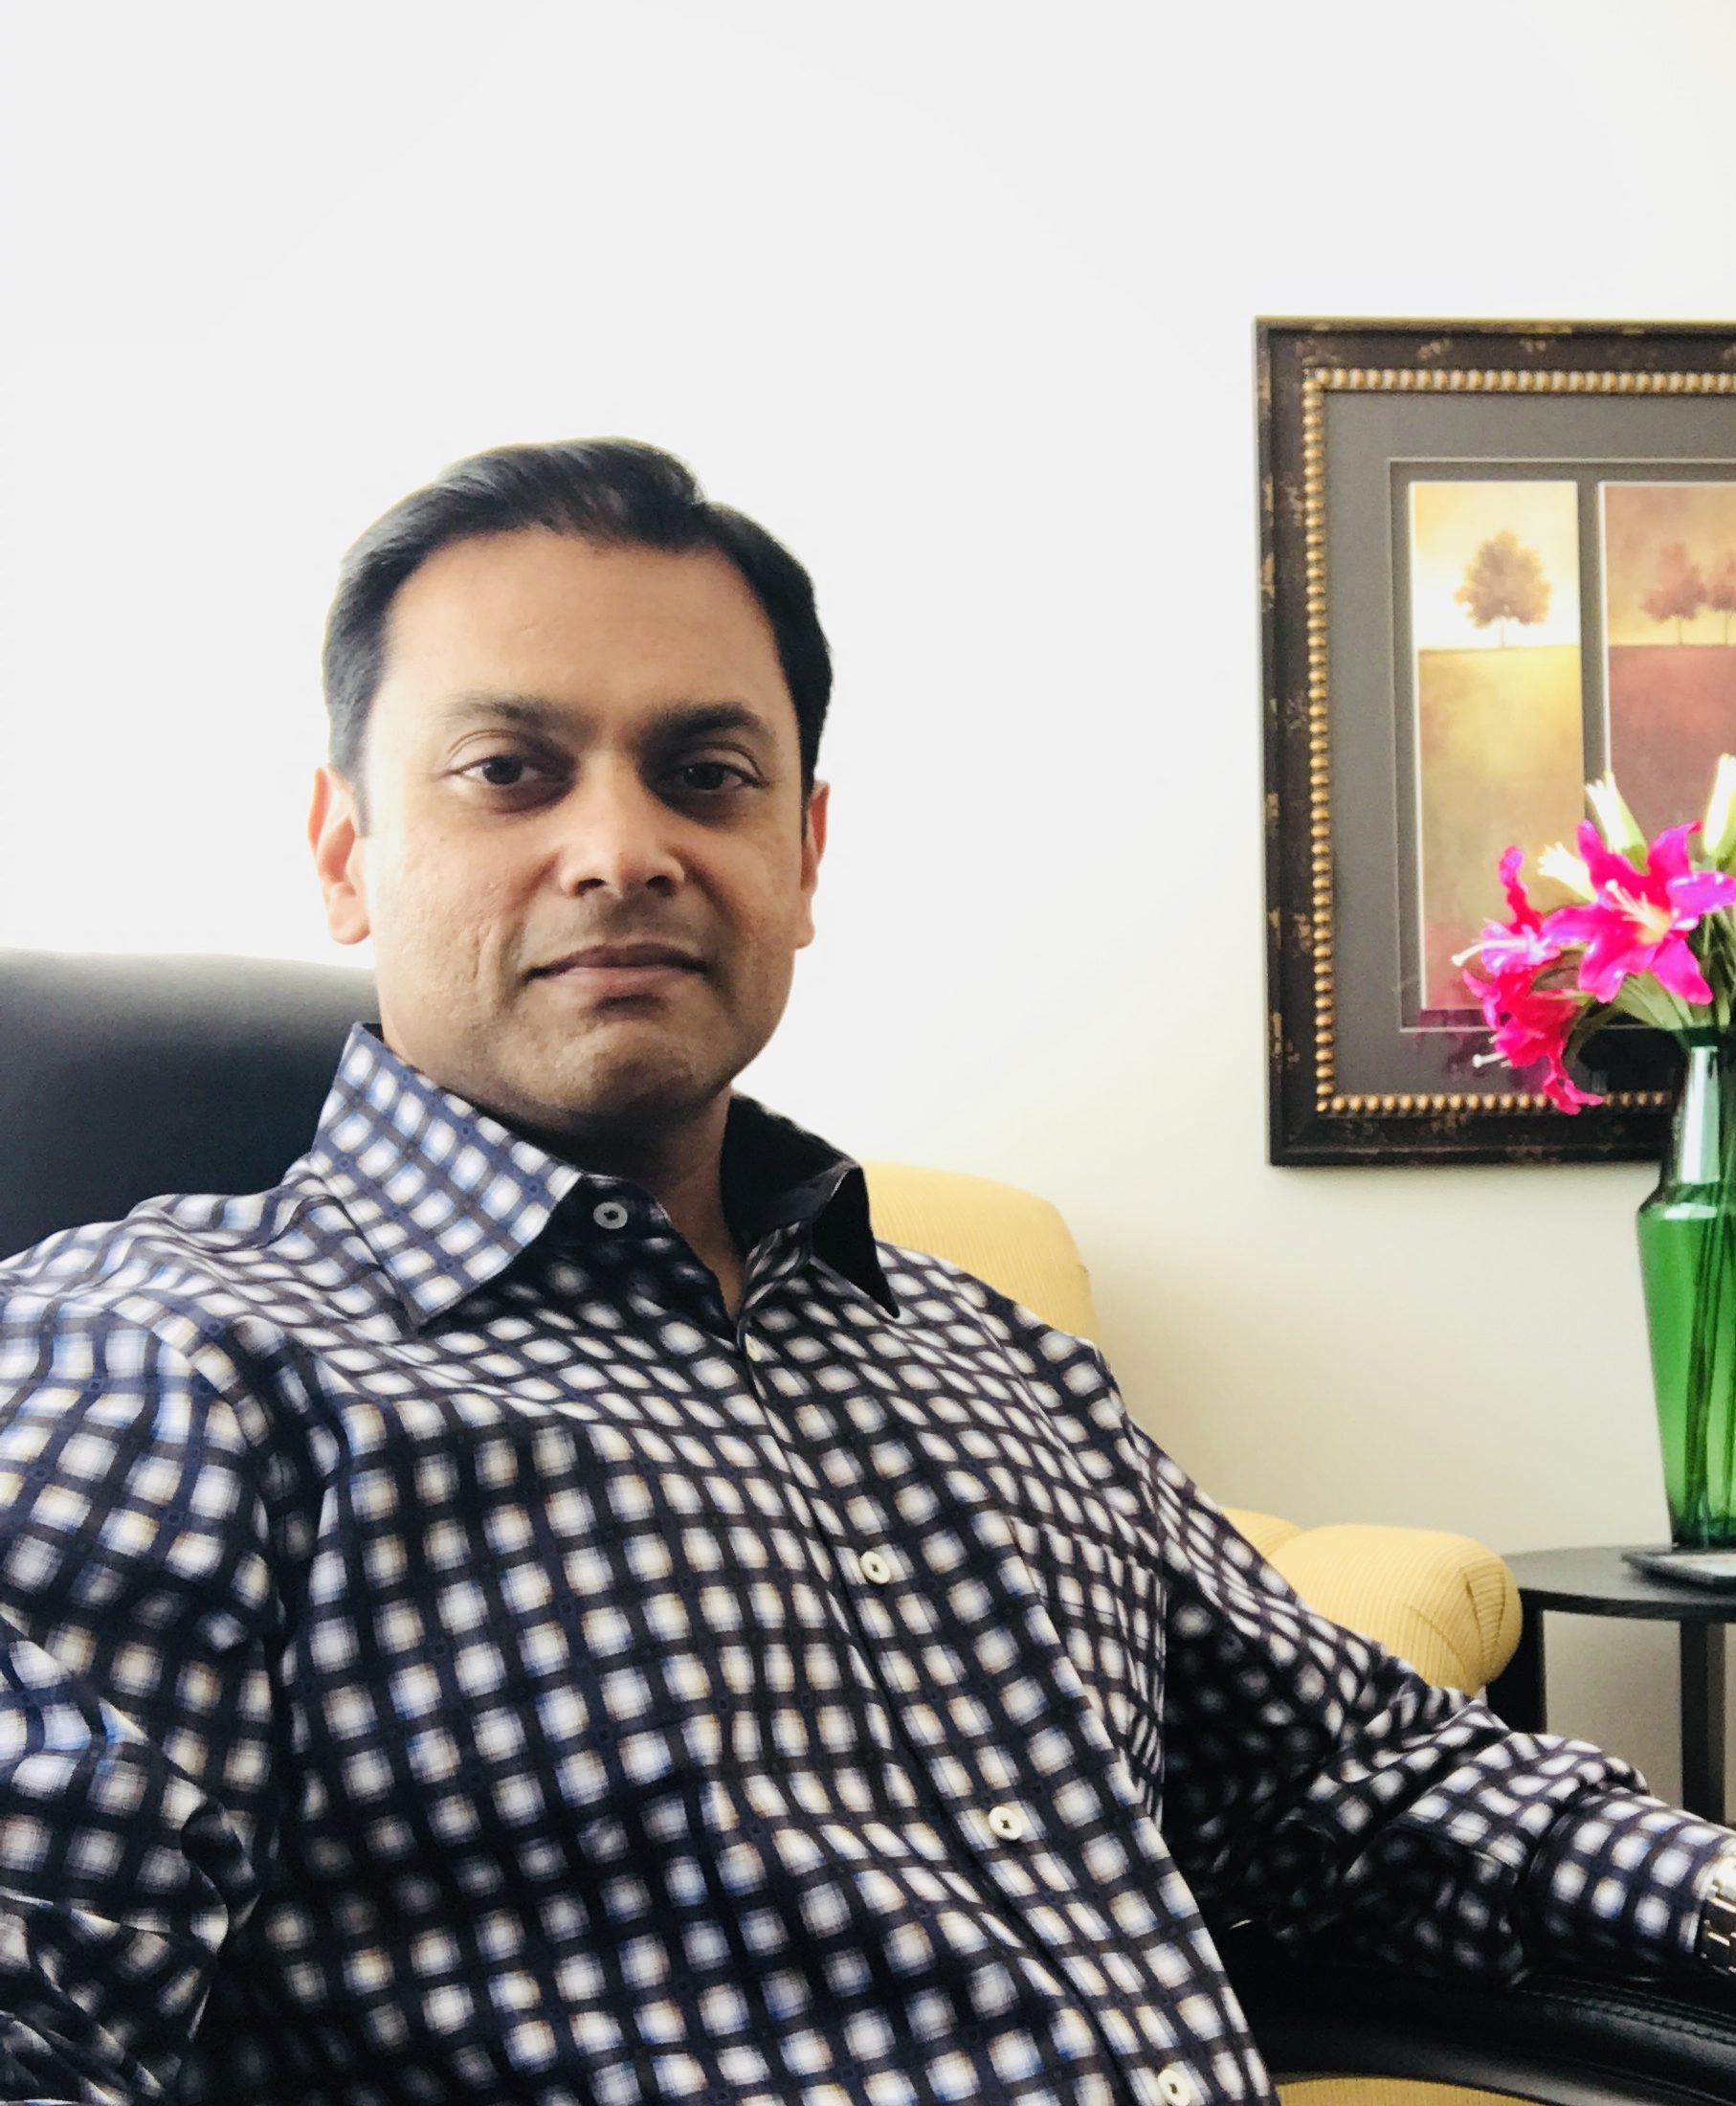 Zafar Khan M.A., P.L.P.C.